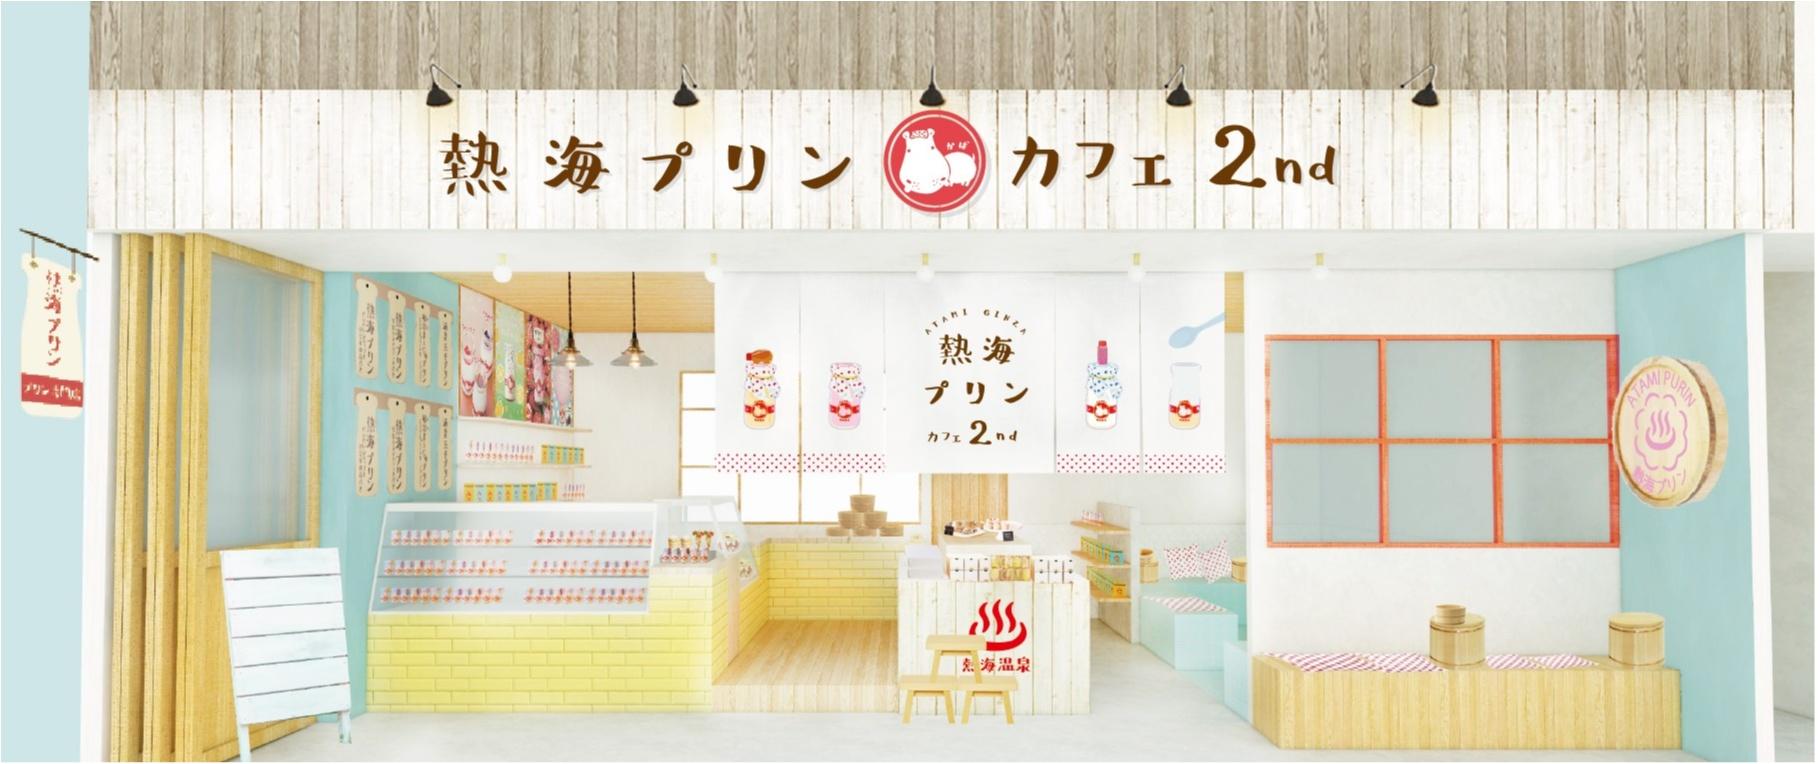 【7/28(土)開店】行列のできるプリン専門店『熱海プリン』の2号店! 温泉がテーマのキュートなカフェも♡_1